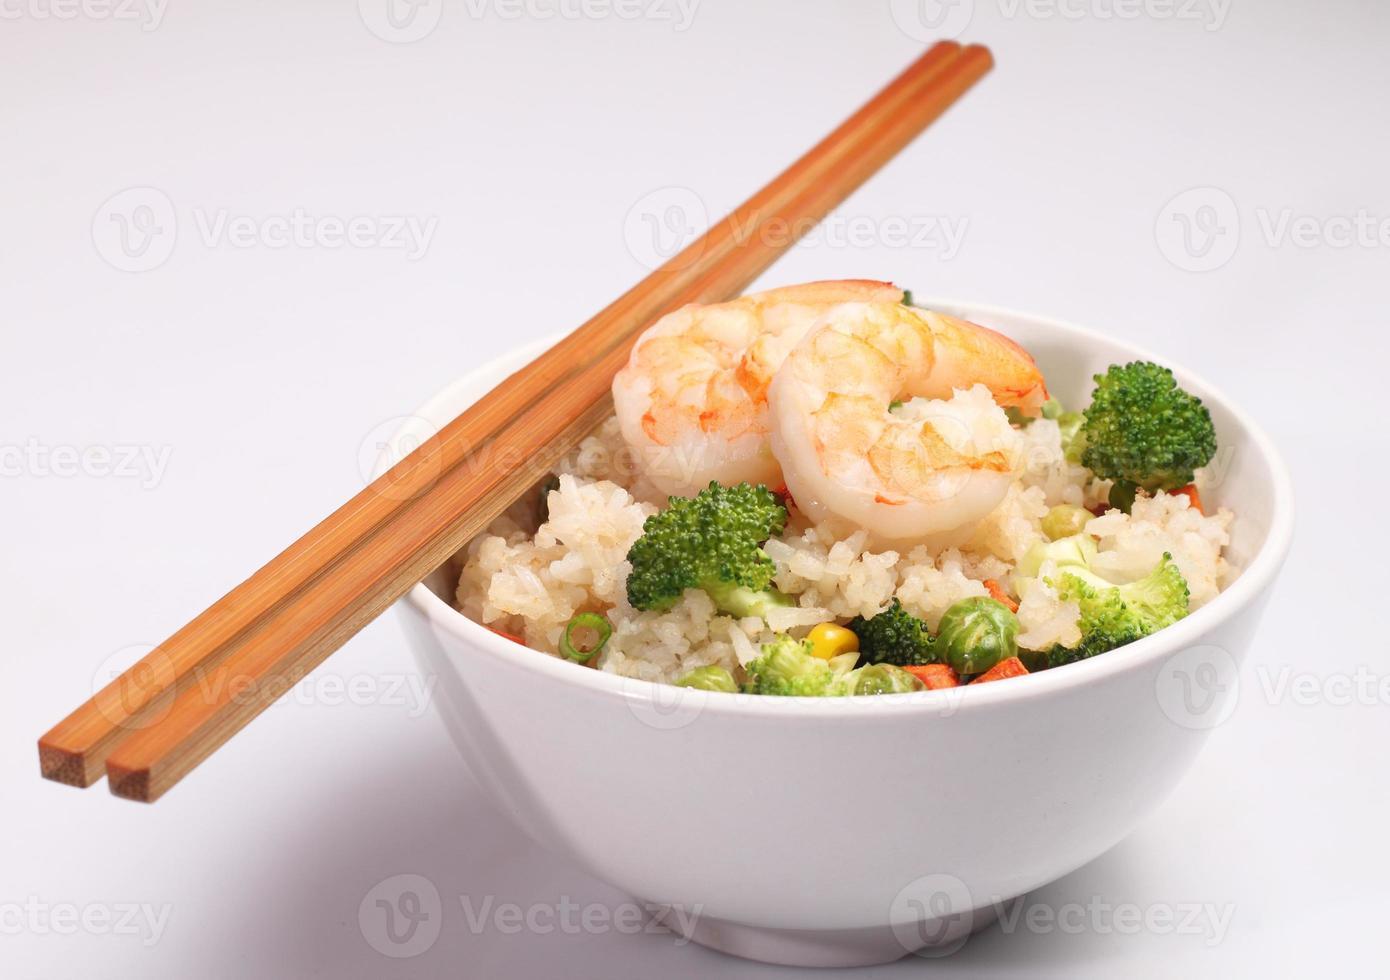 arroz vegetal frito foto